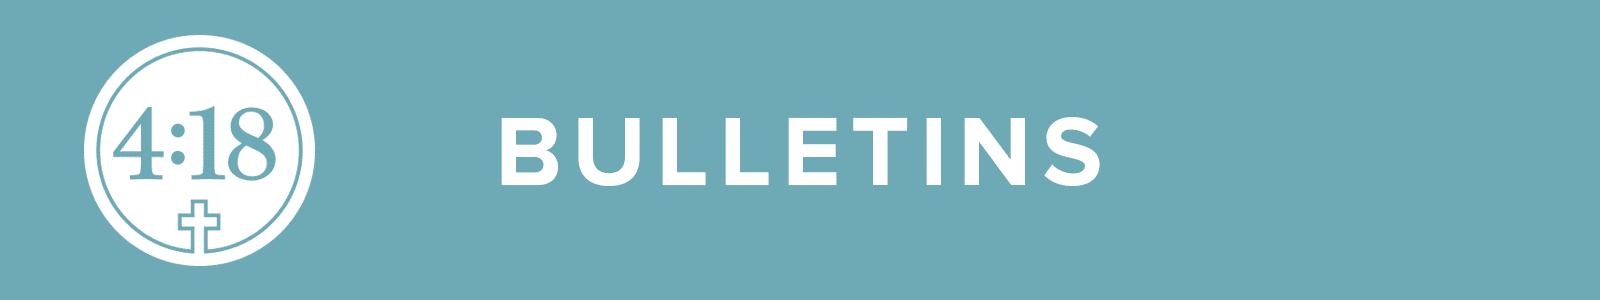 BULLTENS APP